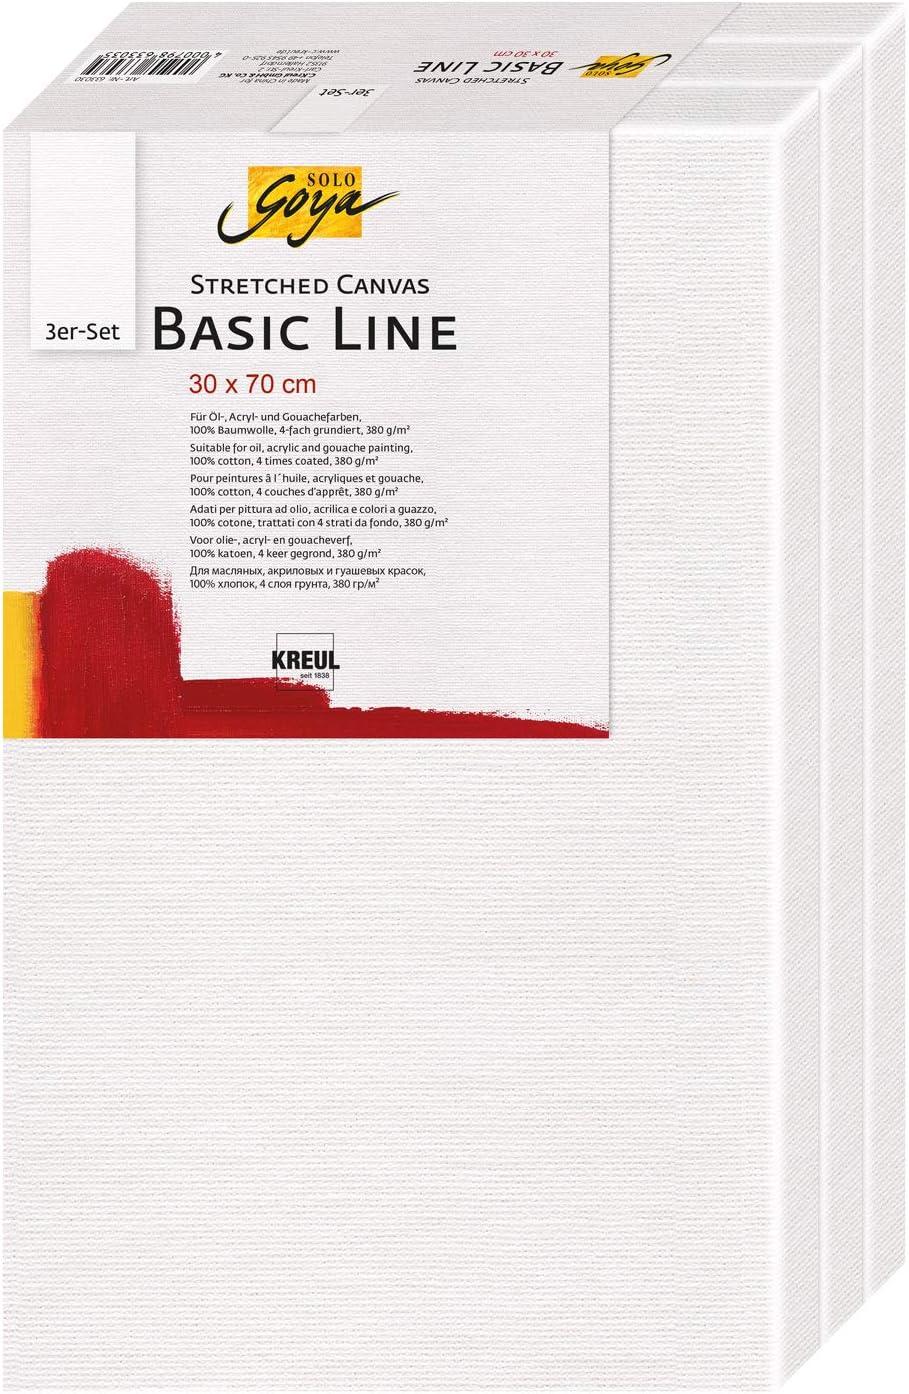 Leinwand aus Baumwolle 4 fach grundiert Kreul 504080 Solo Goya Stretched Canvas Premium Line Keilrahmen 40 x 80 cm in Premiumqualit/ät ideal f/ür /Öl- Acryl- und Gouachefarben